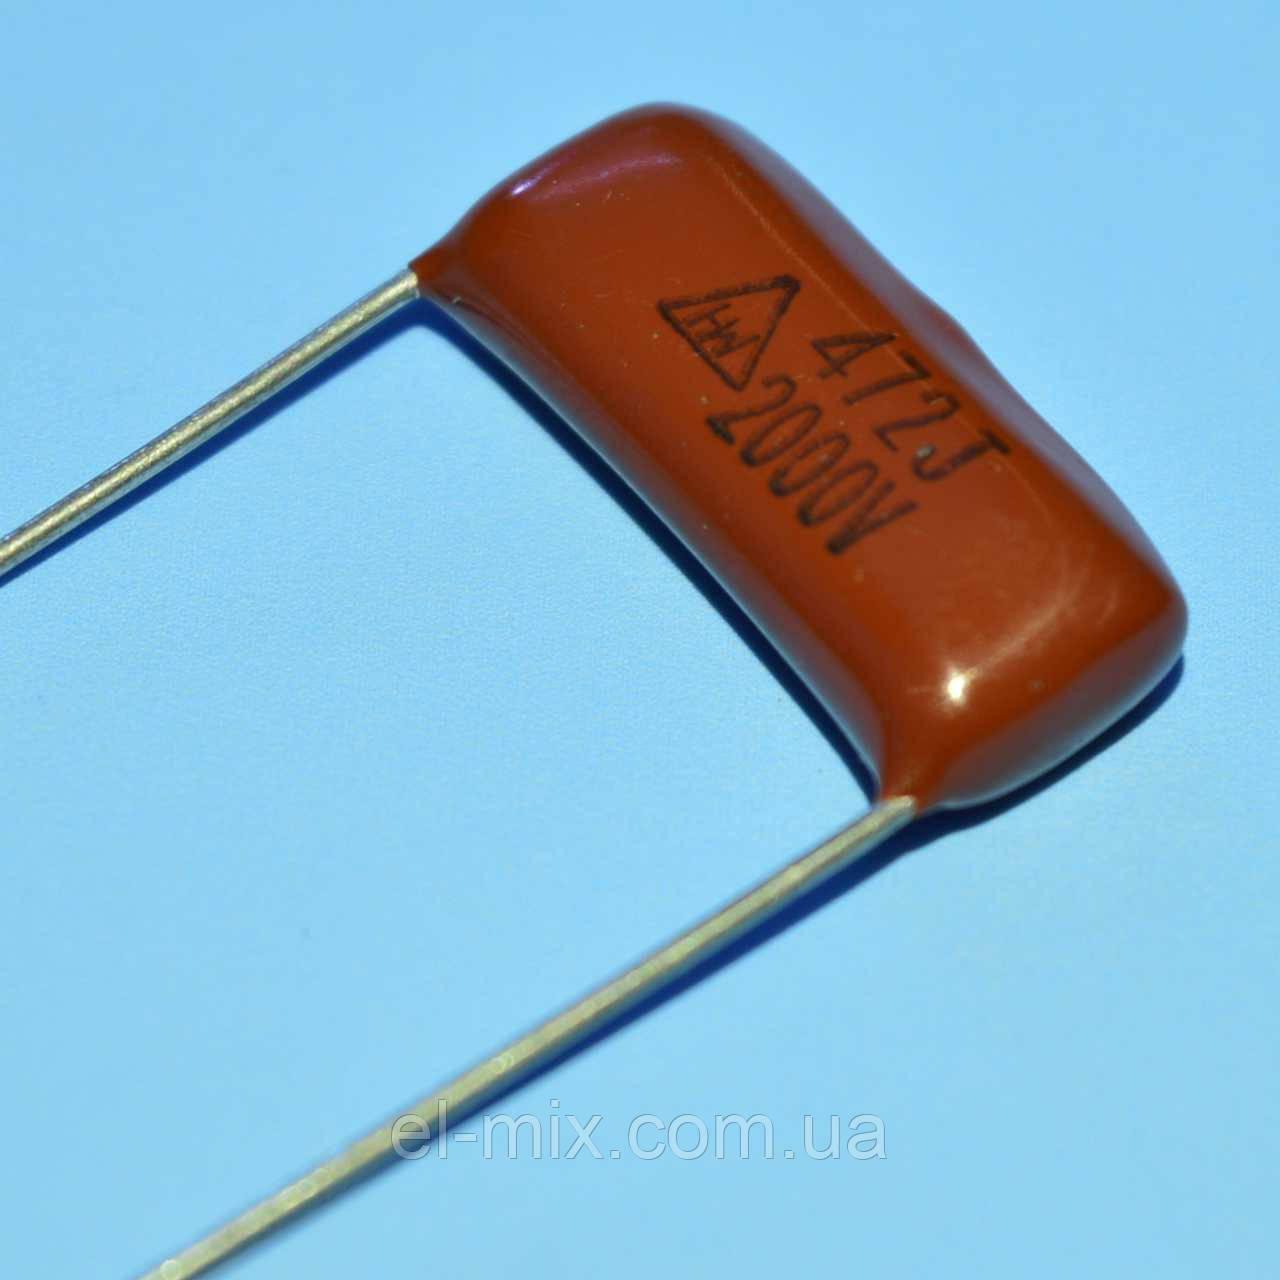 Конденсатор металлопленочный CBB-81  4.7nF 2000V ±5% СВВ81  Hanway